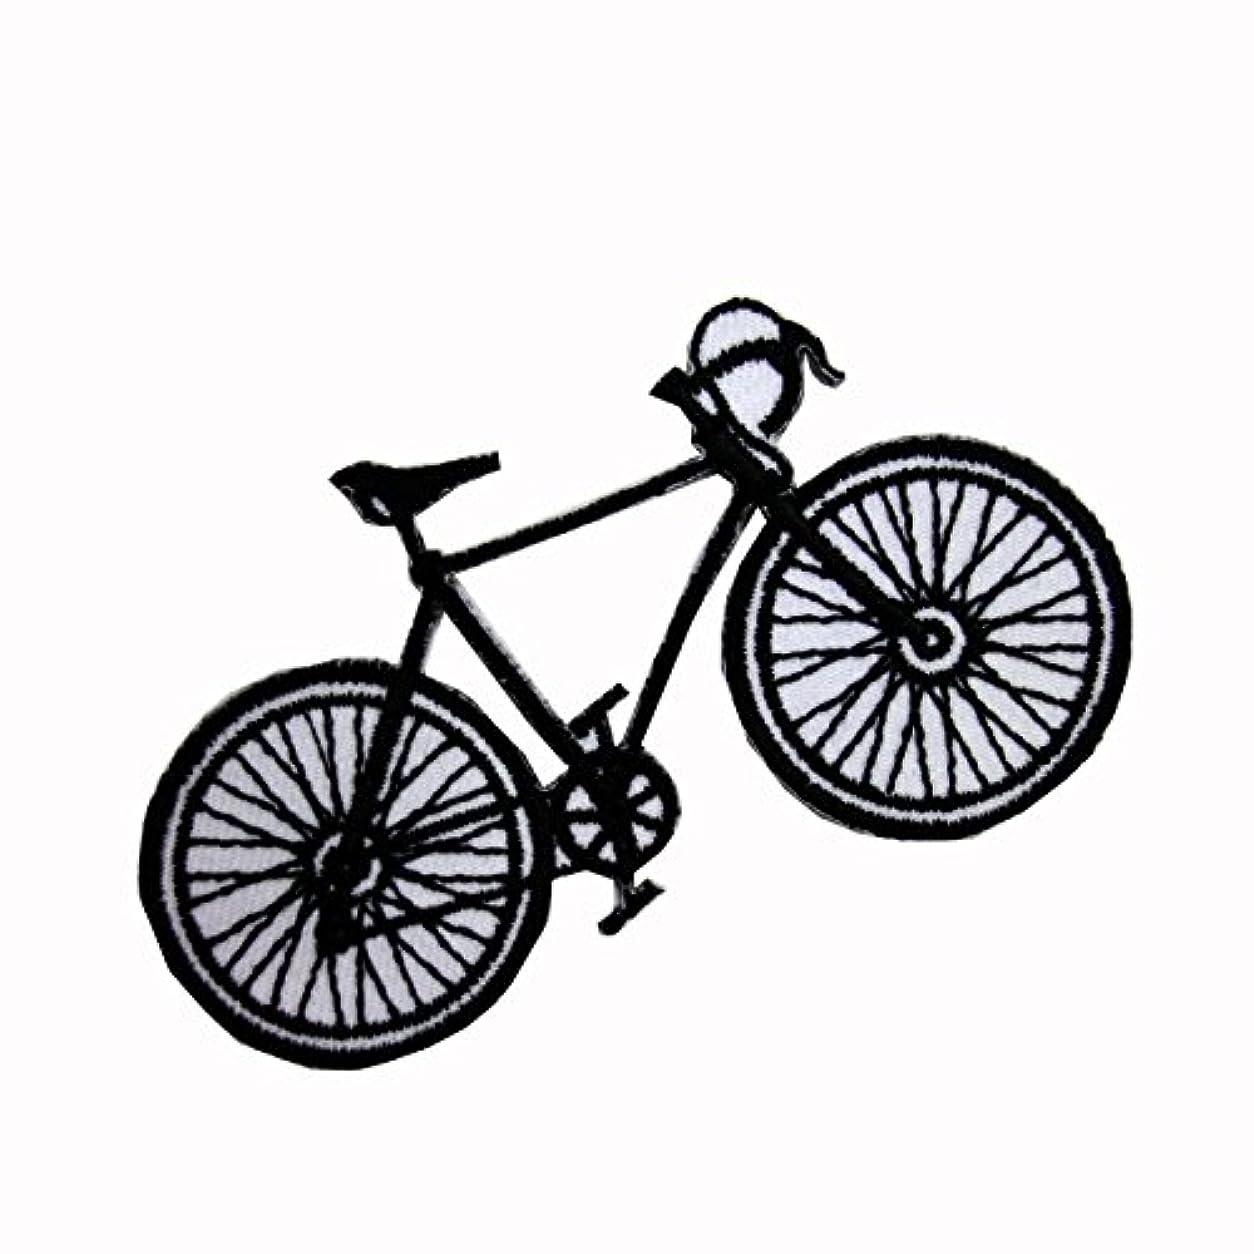 ロック解除未就学以前はWAPPEN/アイロン貼付ワッペン 自転車